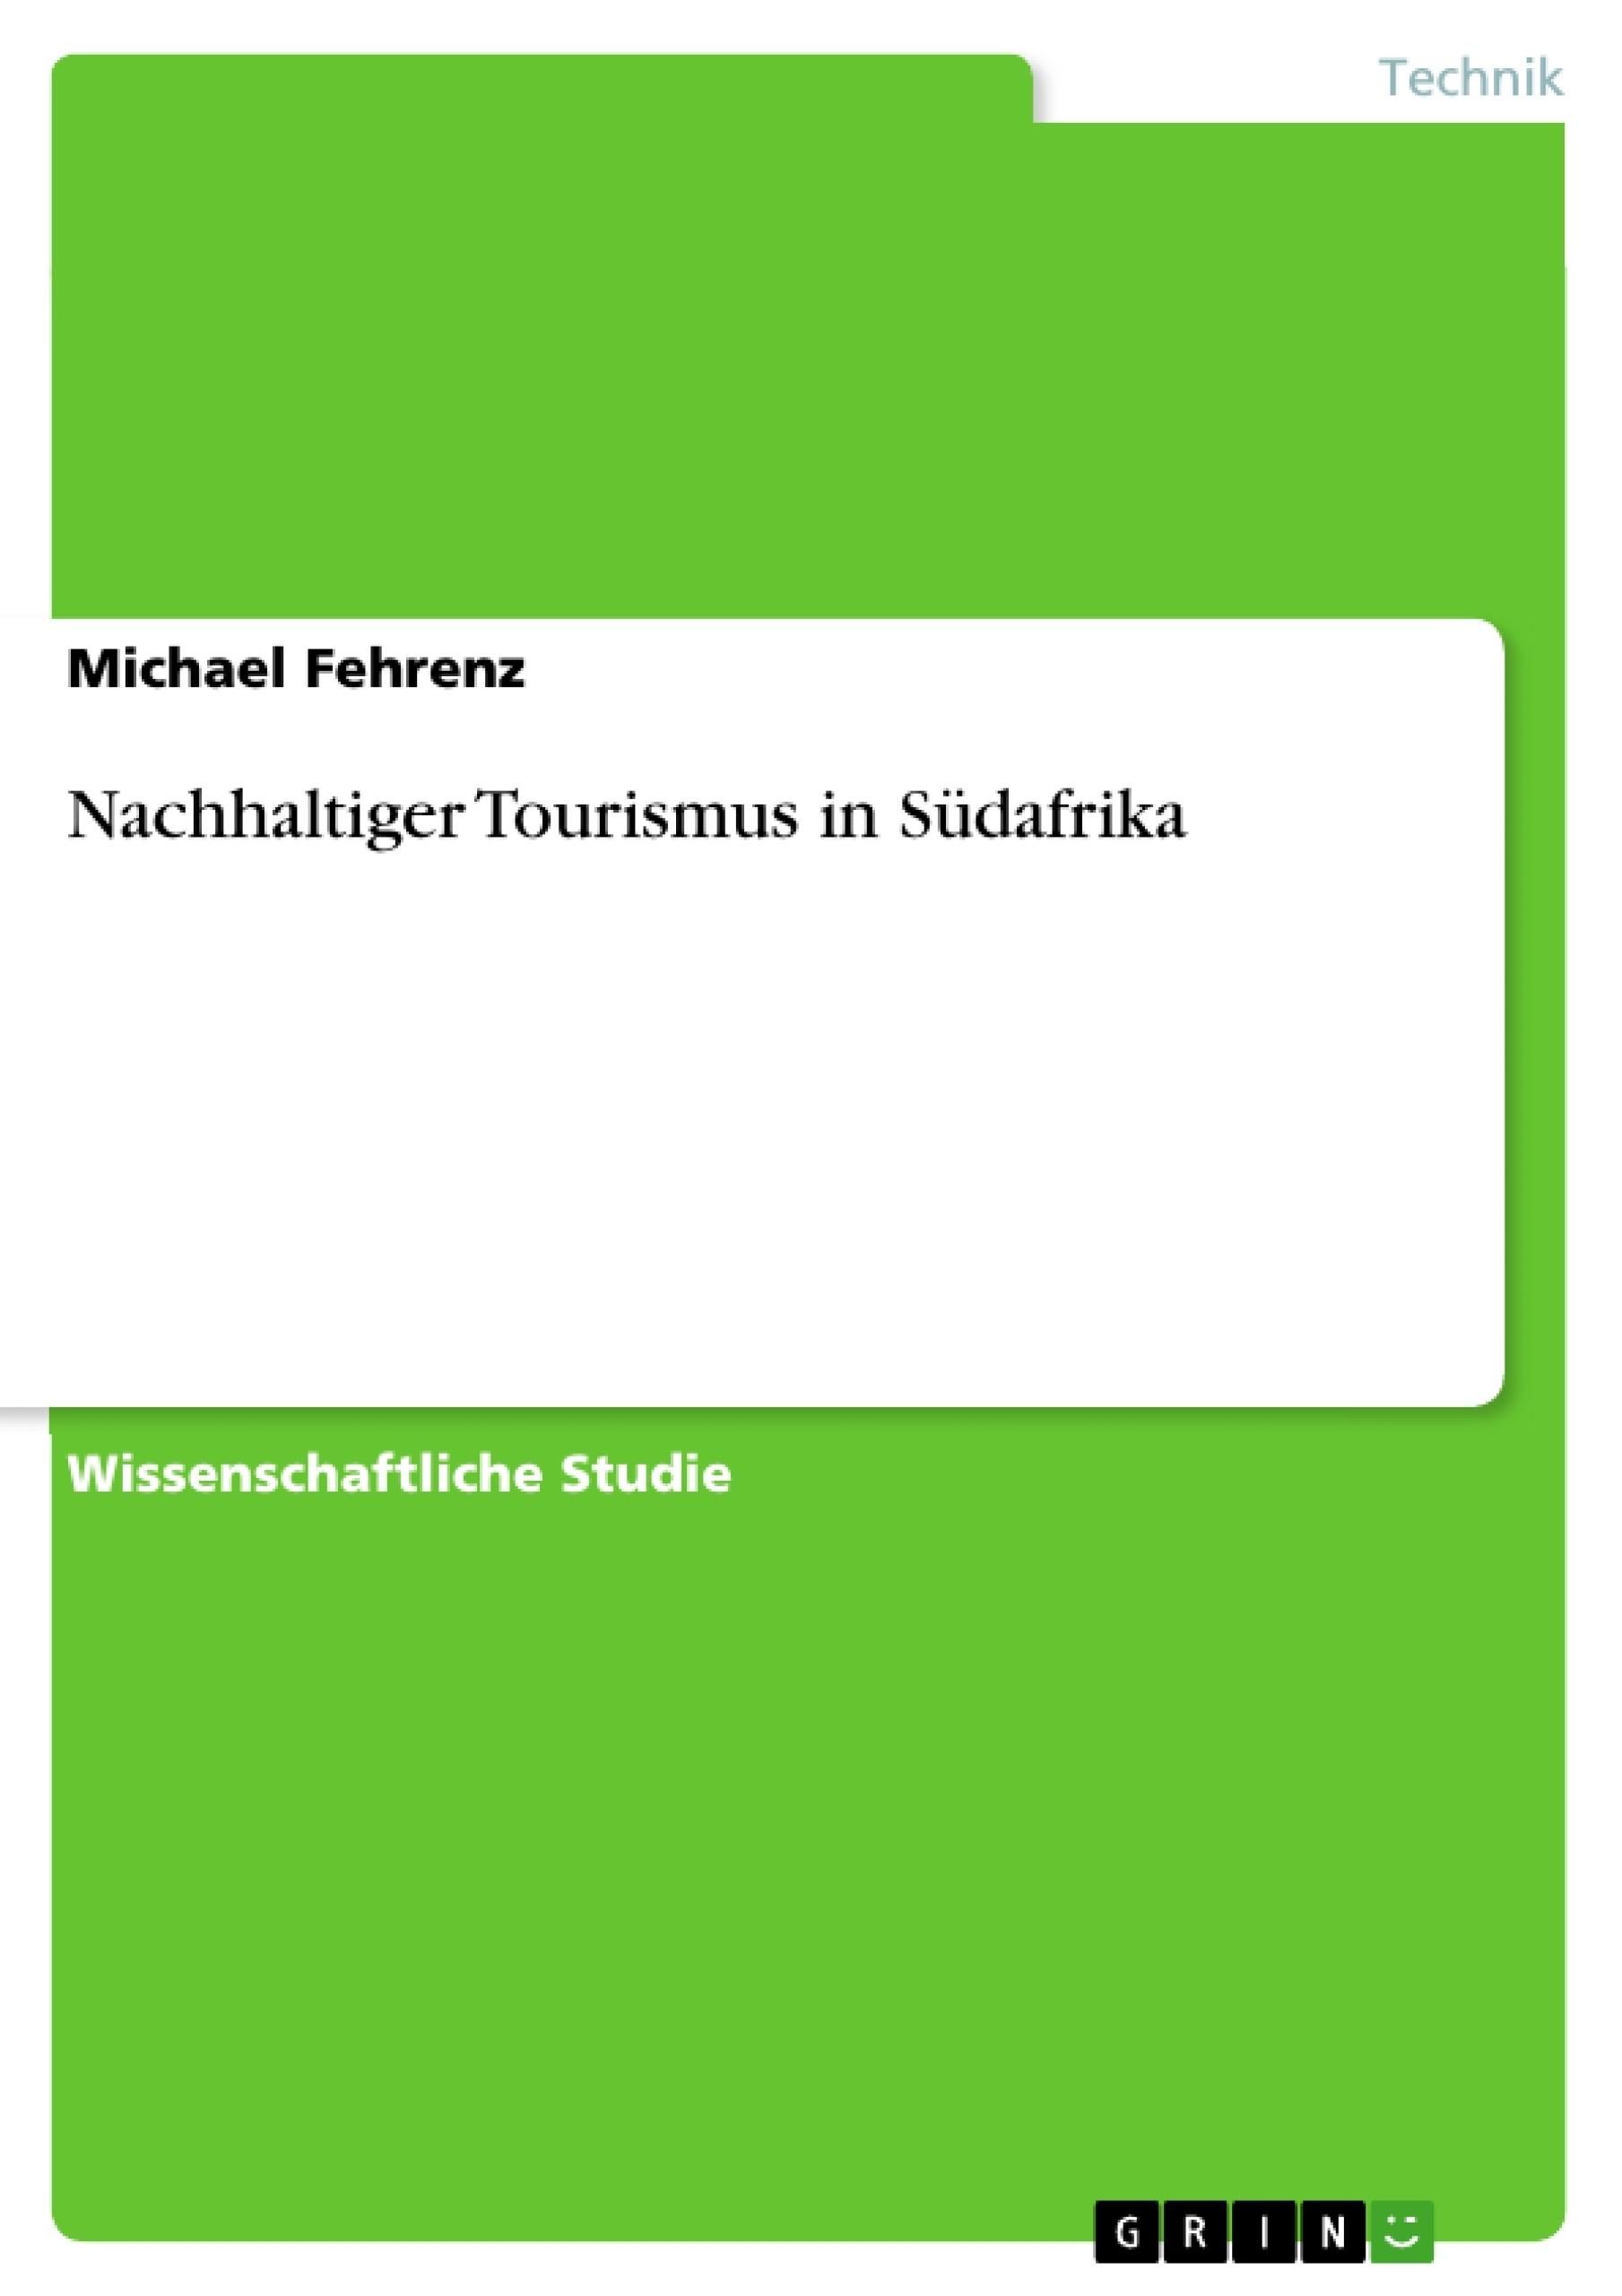 Titel: Nachhaltiger Tourismus in Südafrika